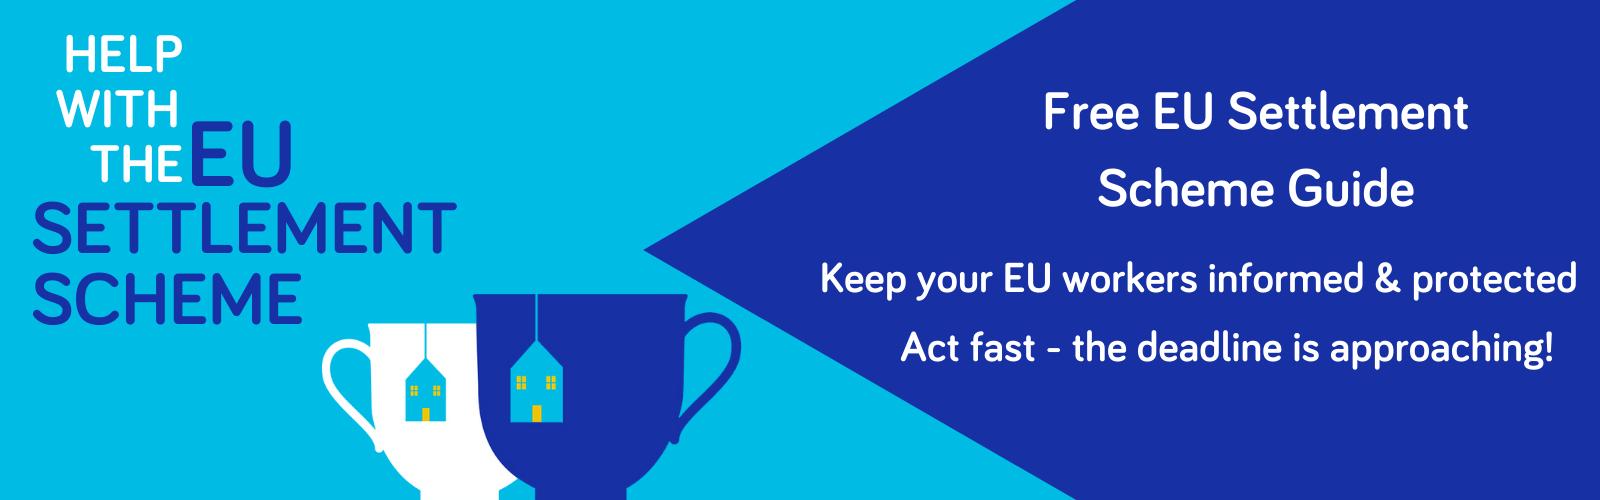 EU Settlement Scheme - Banner Image